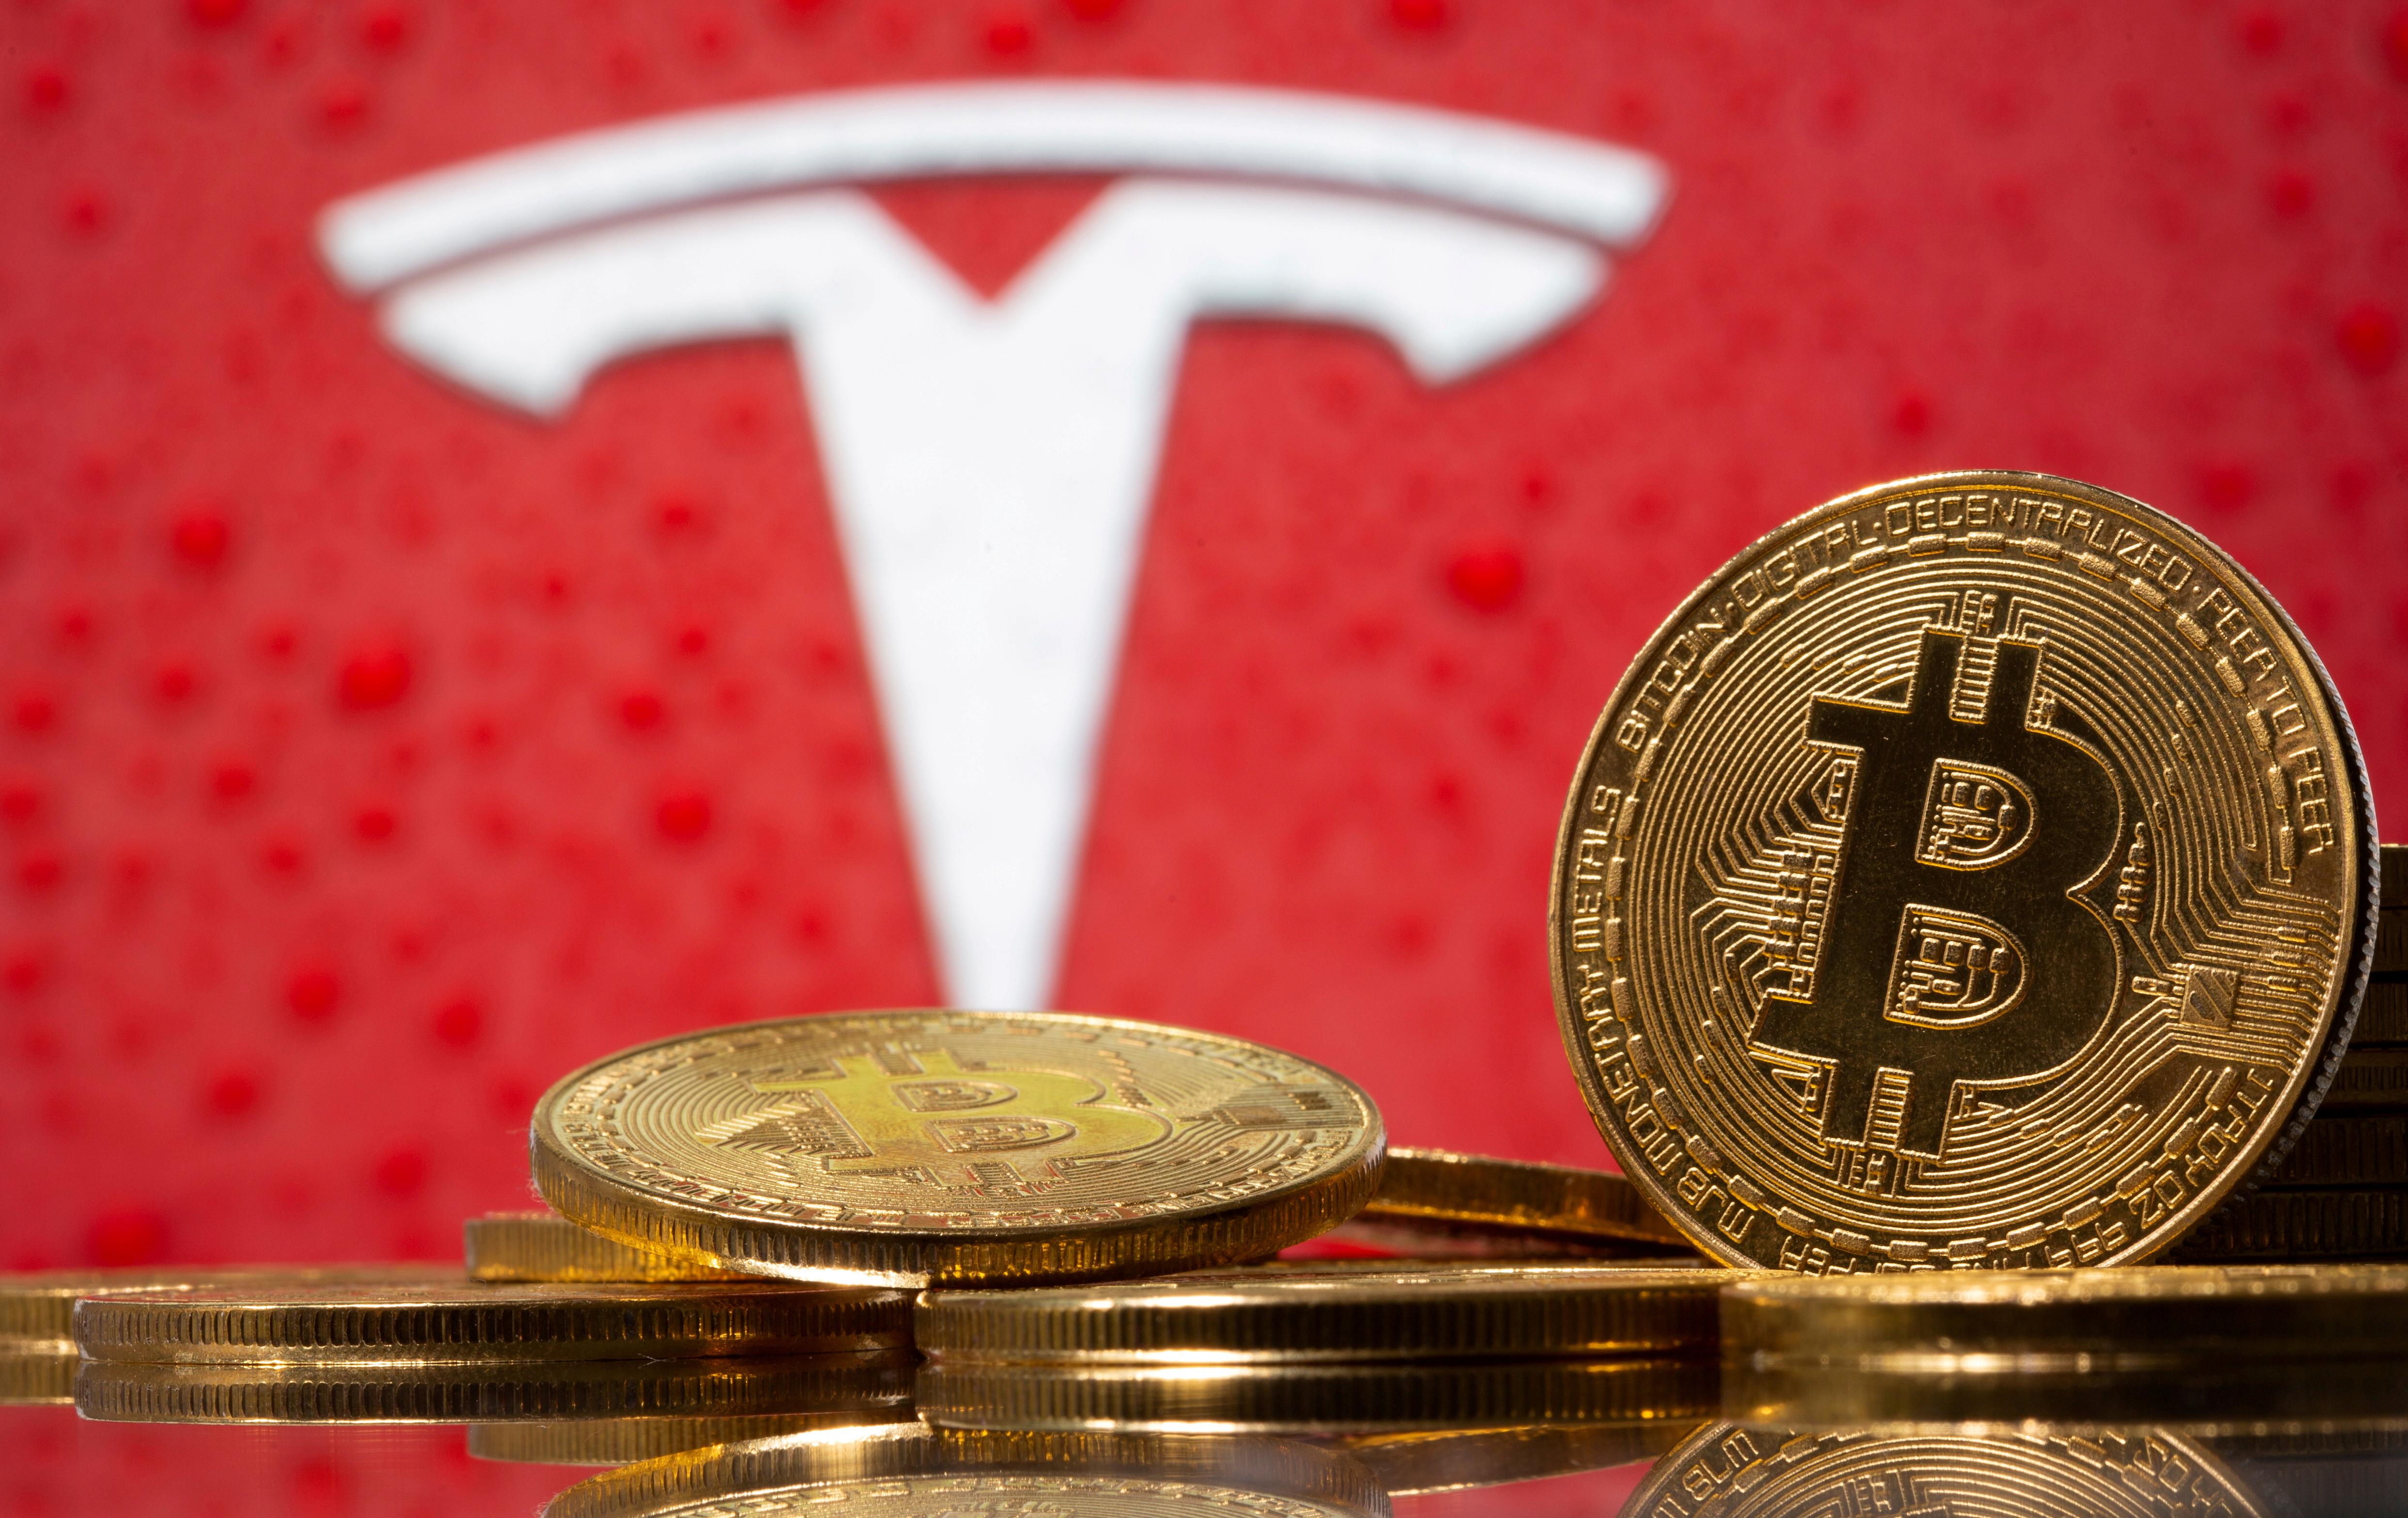 Tesla dejará de aceptar Bitcoin por su impacto medioambiental